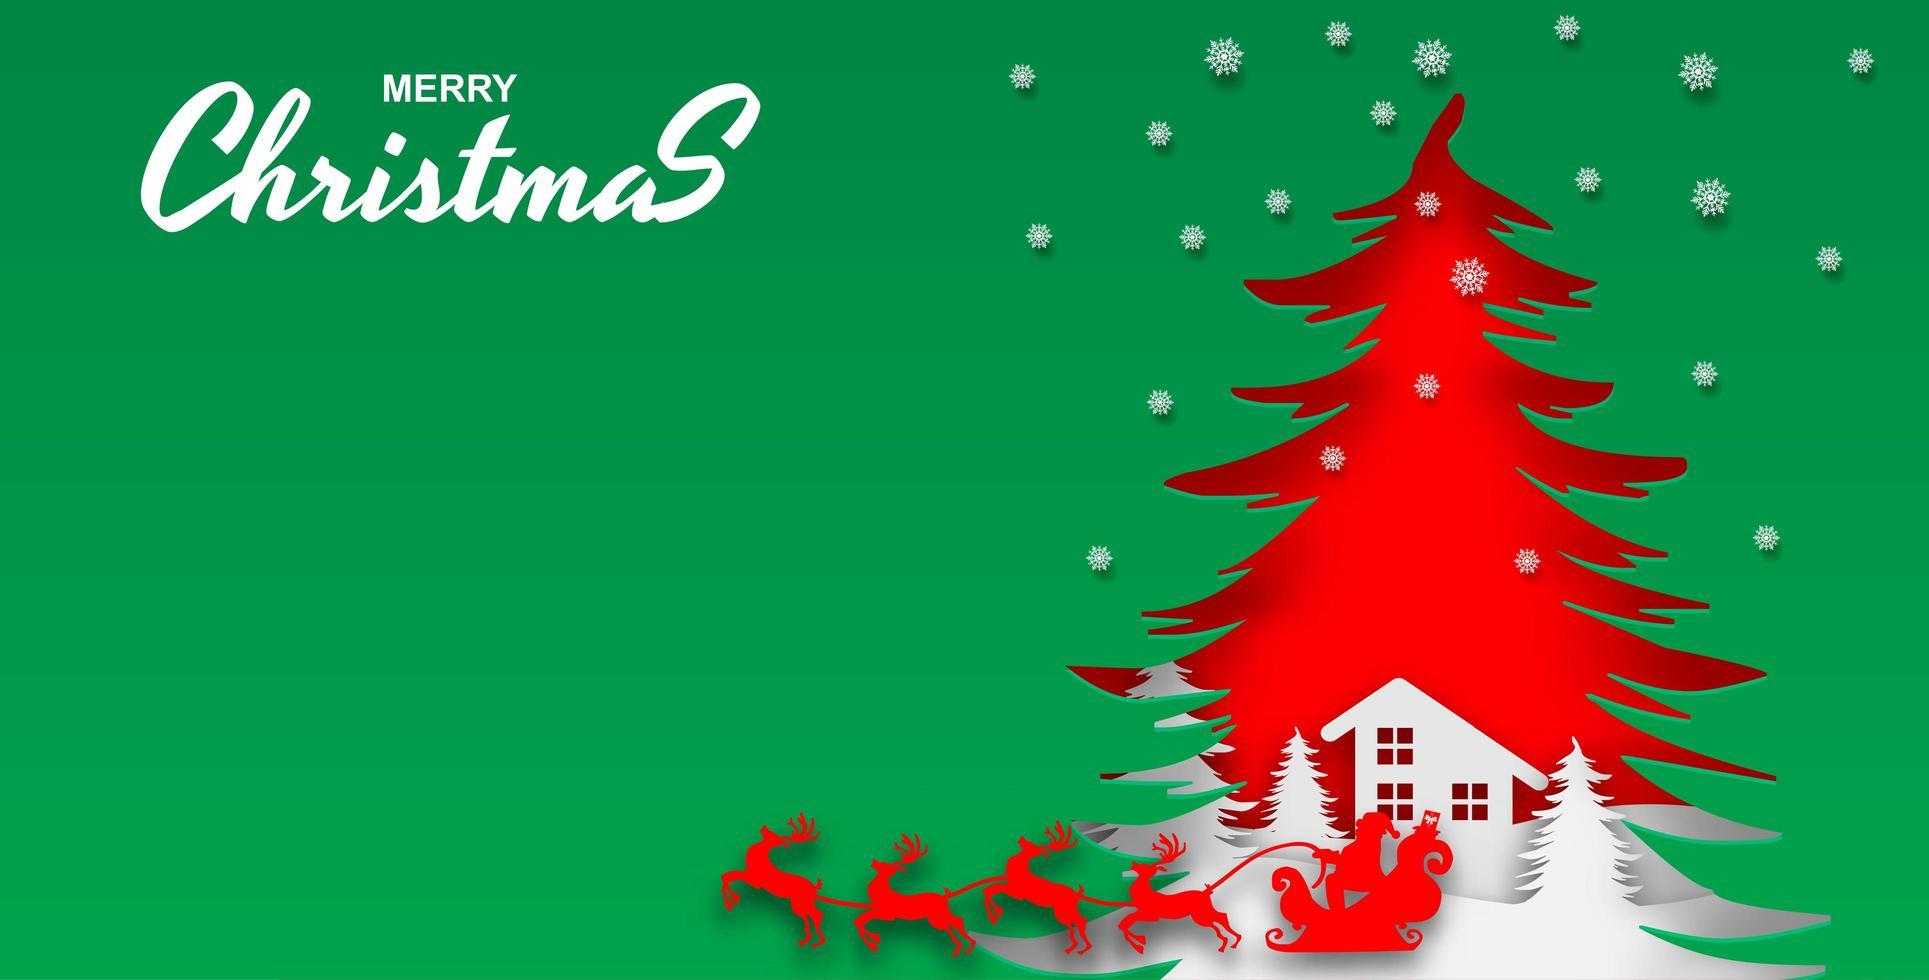 vrolijk kerstfeest groen gesneden papier ontwerp vector